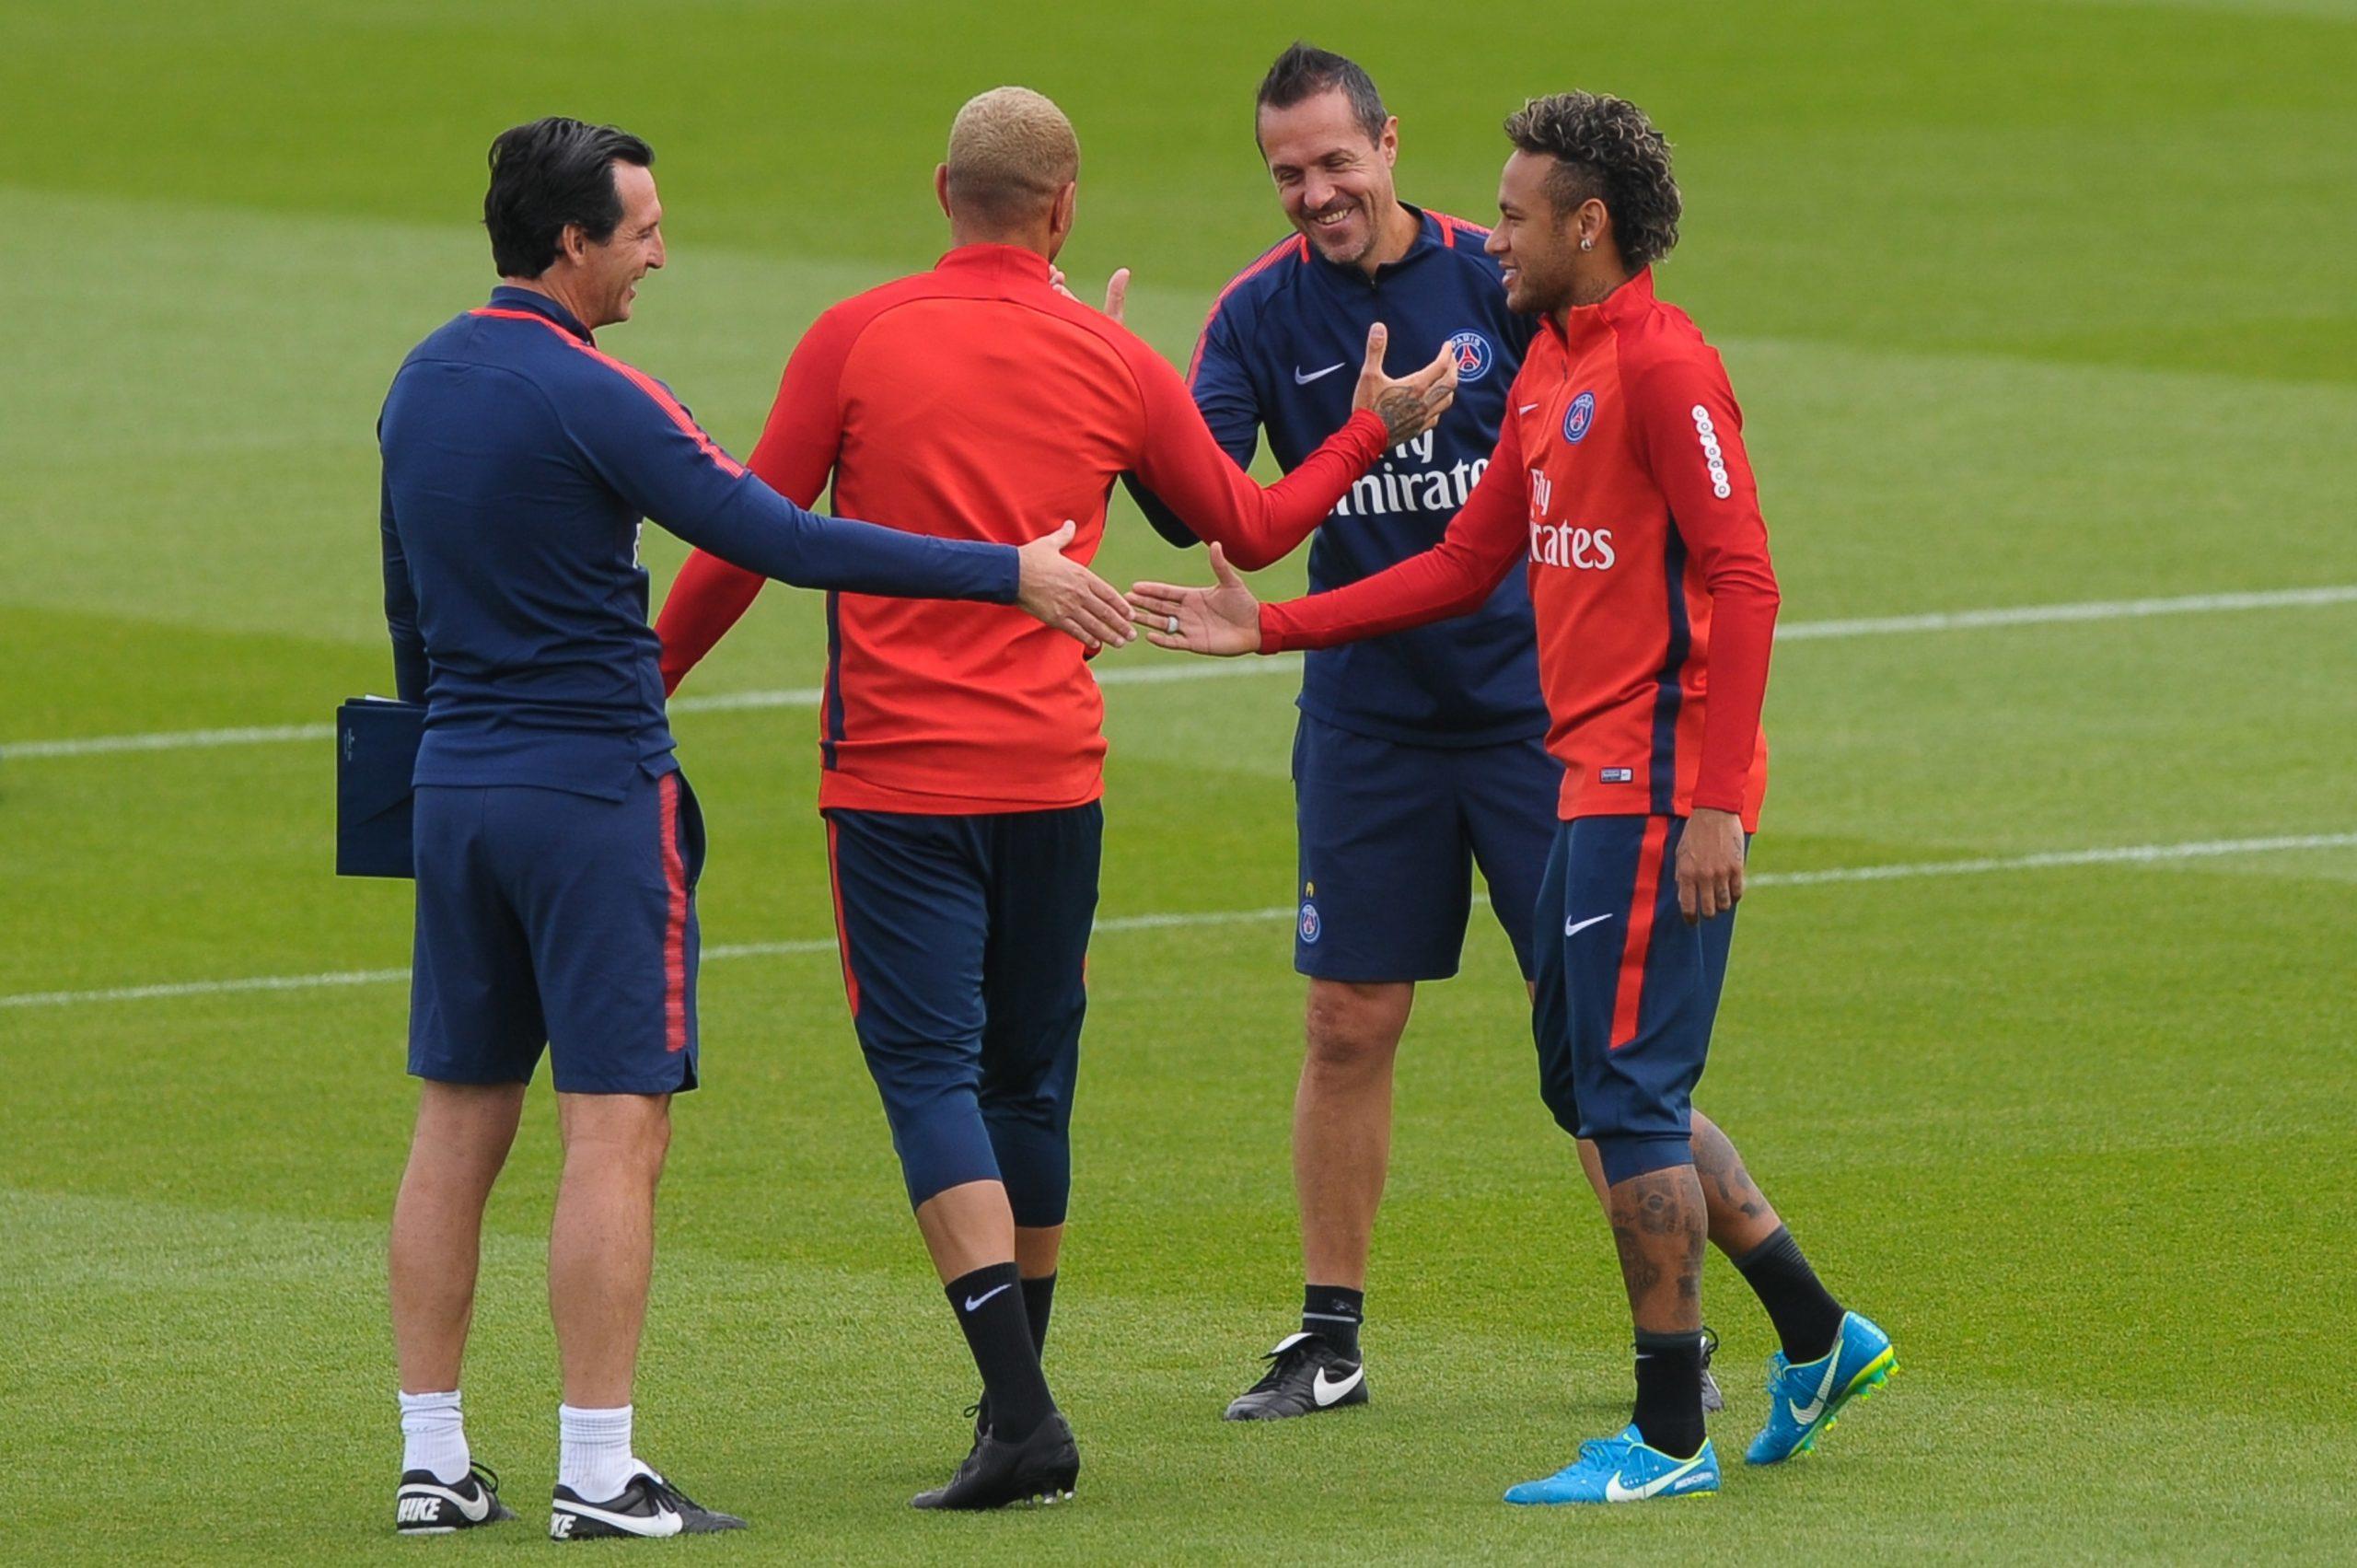 Emery évoque les grands joueurs qu'il a côtoyés, avec Neymar au-dessus de Mbappé